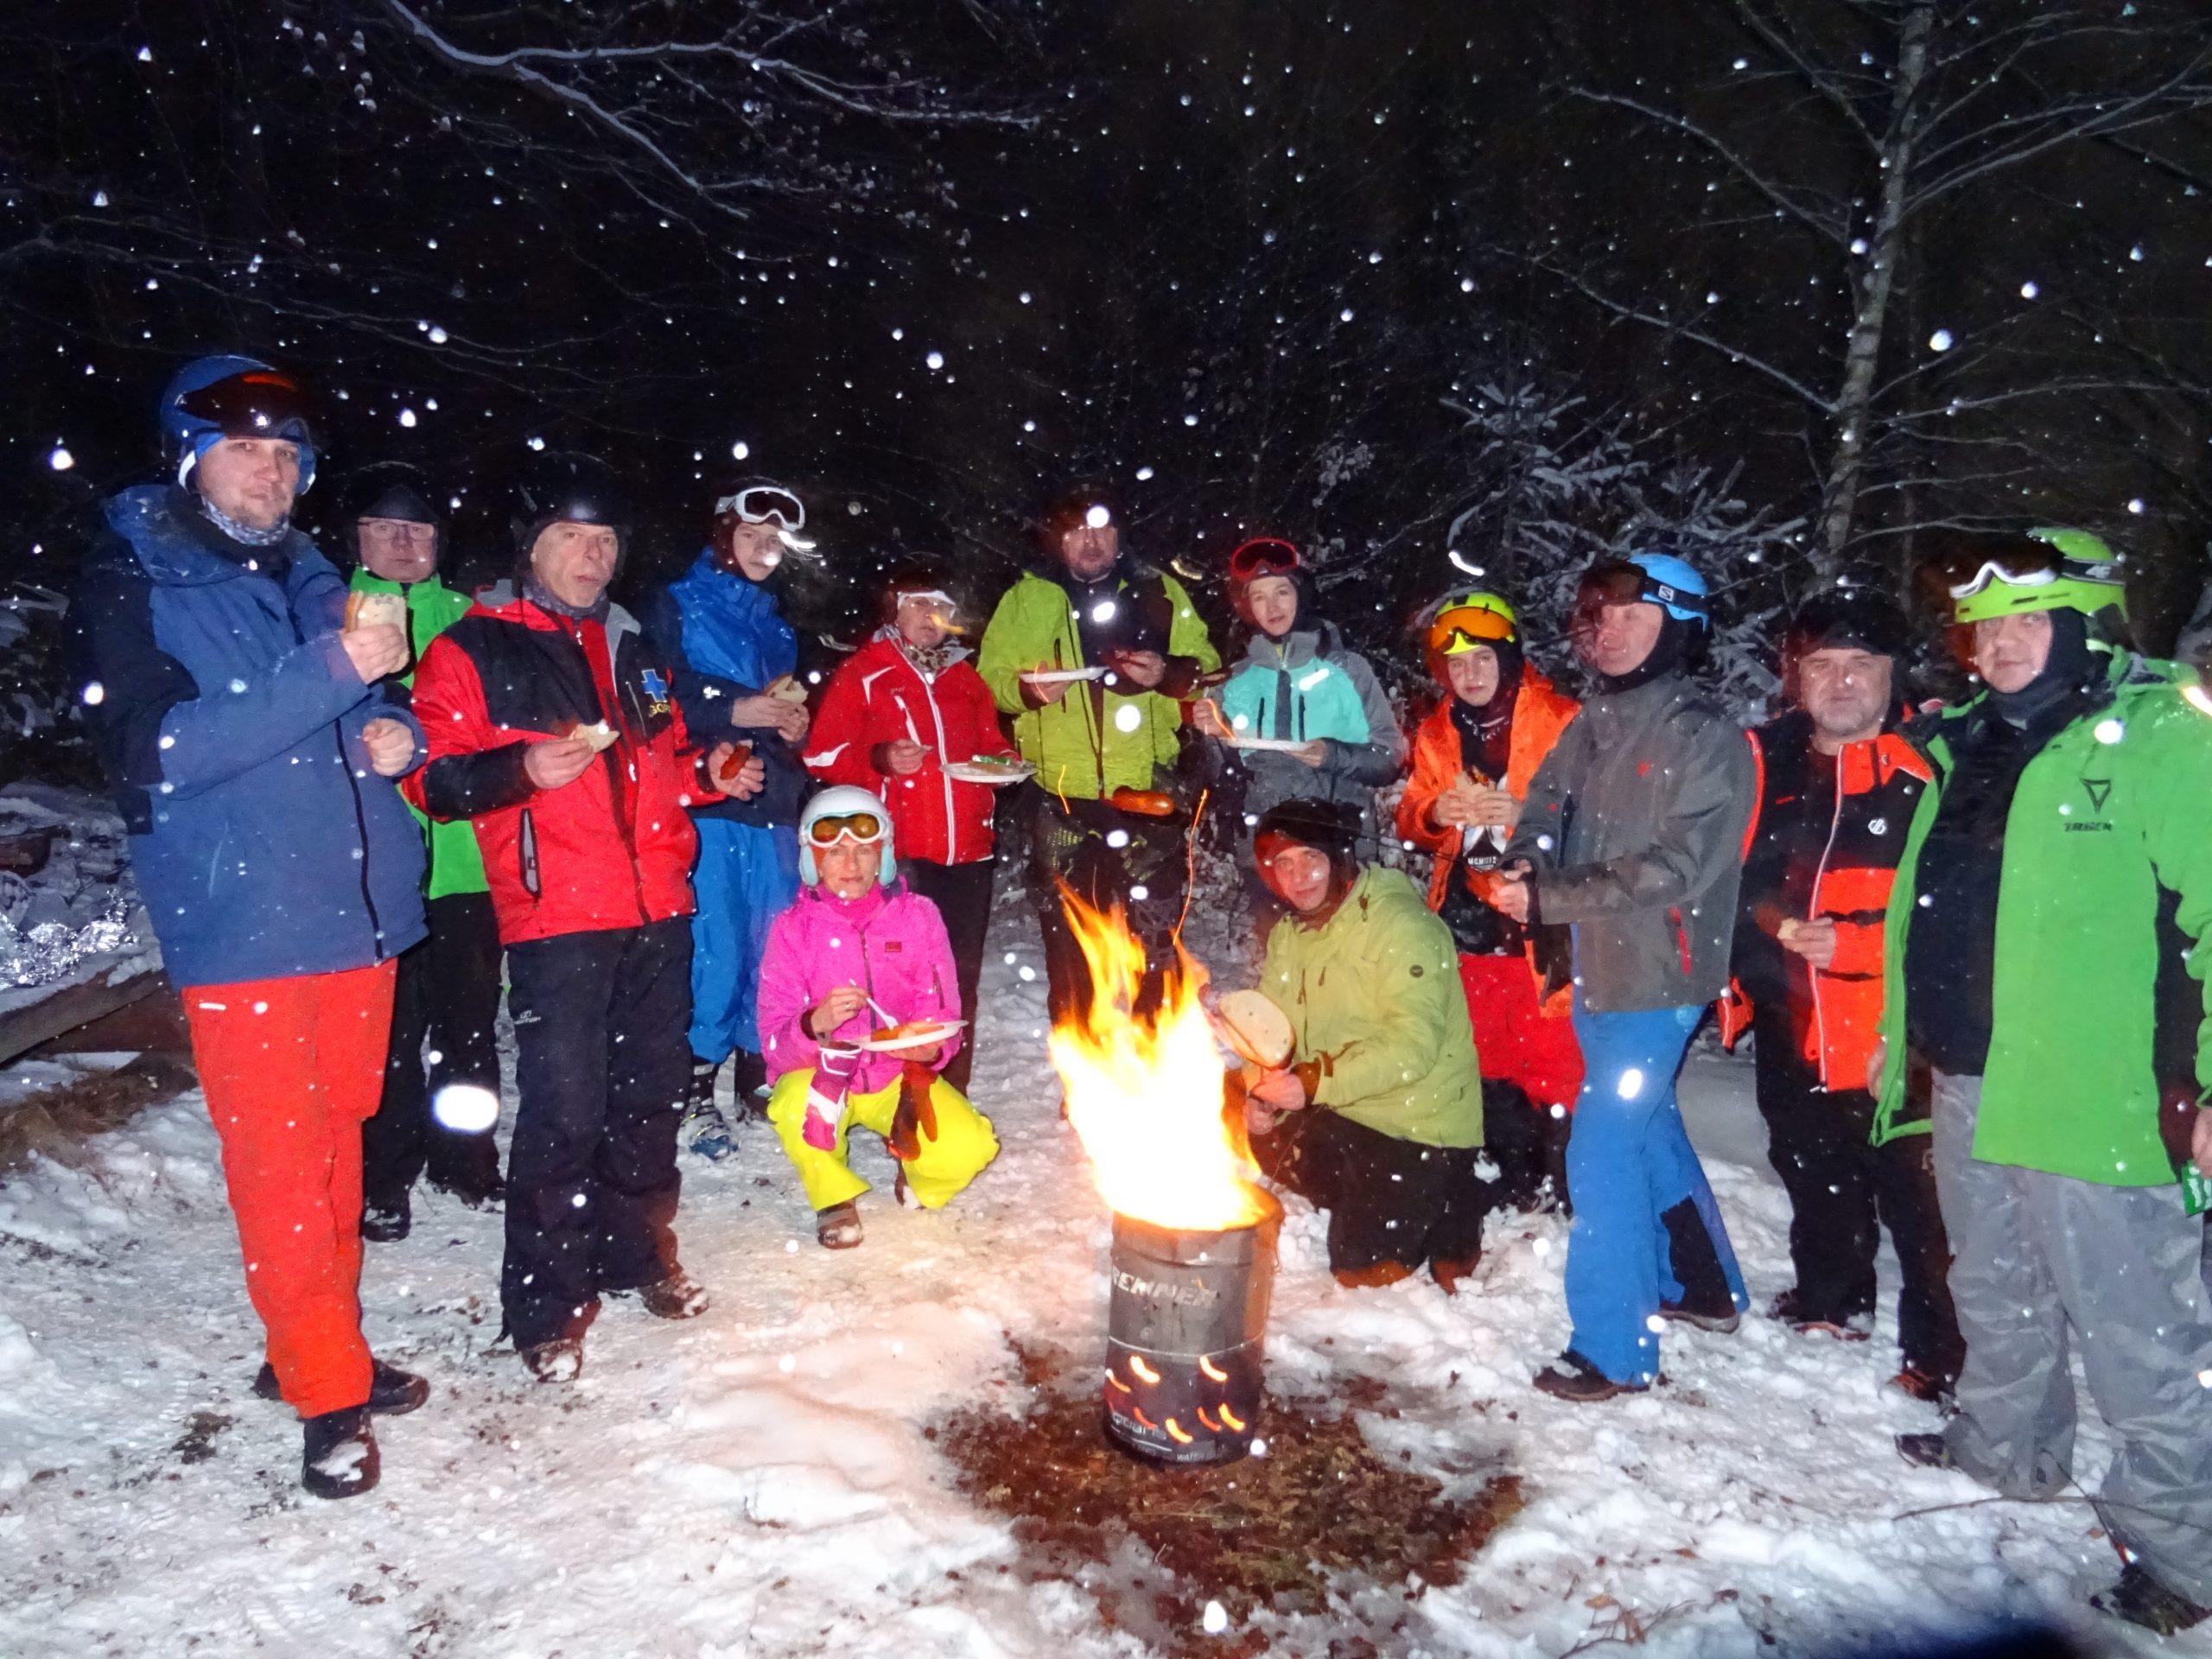 Kobiece narciarstwo na Skki Trikke. Pomimo muld, ciężkiego śniegu.